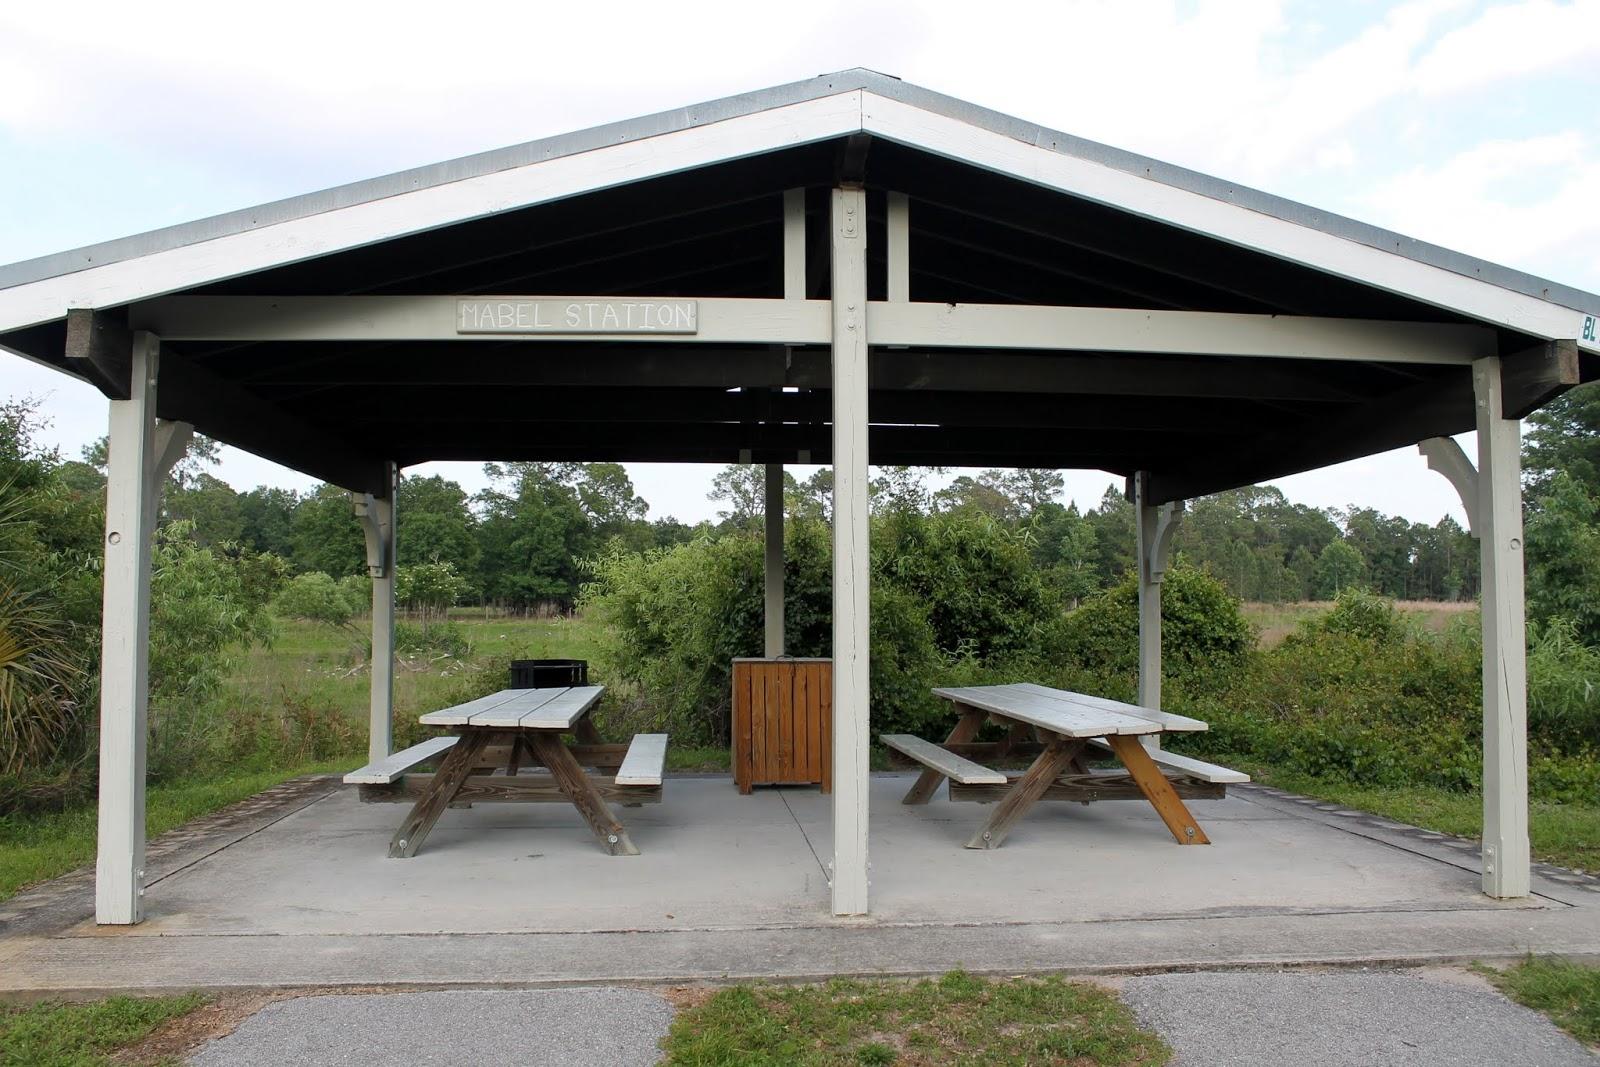 Mabel Station